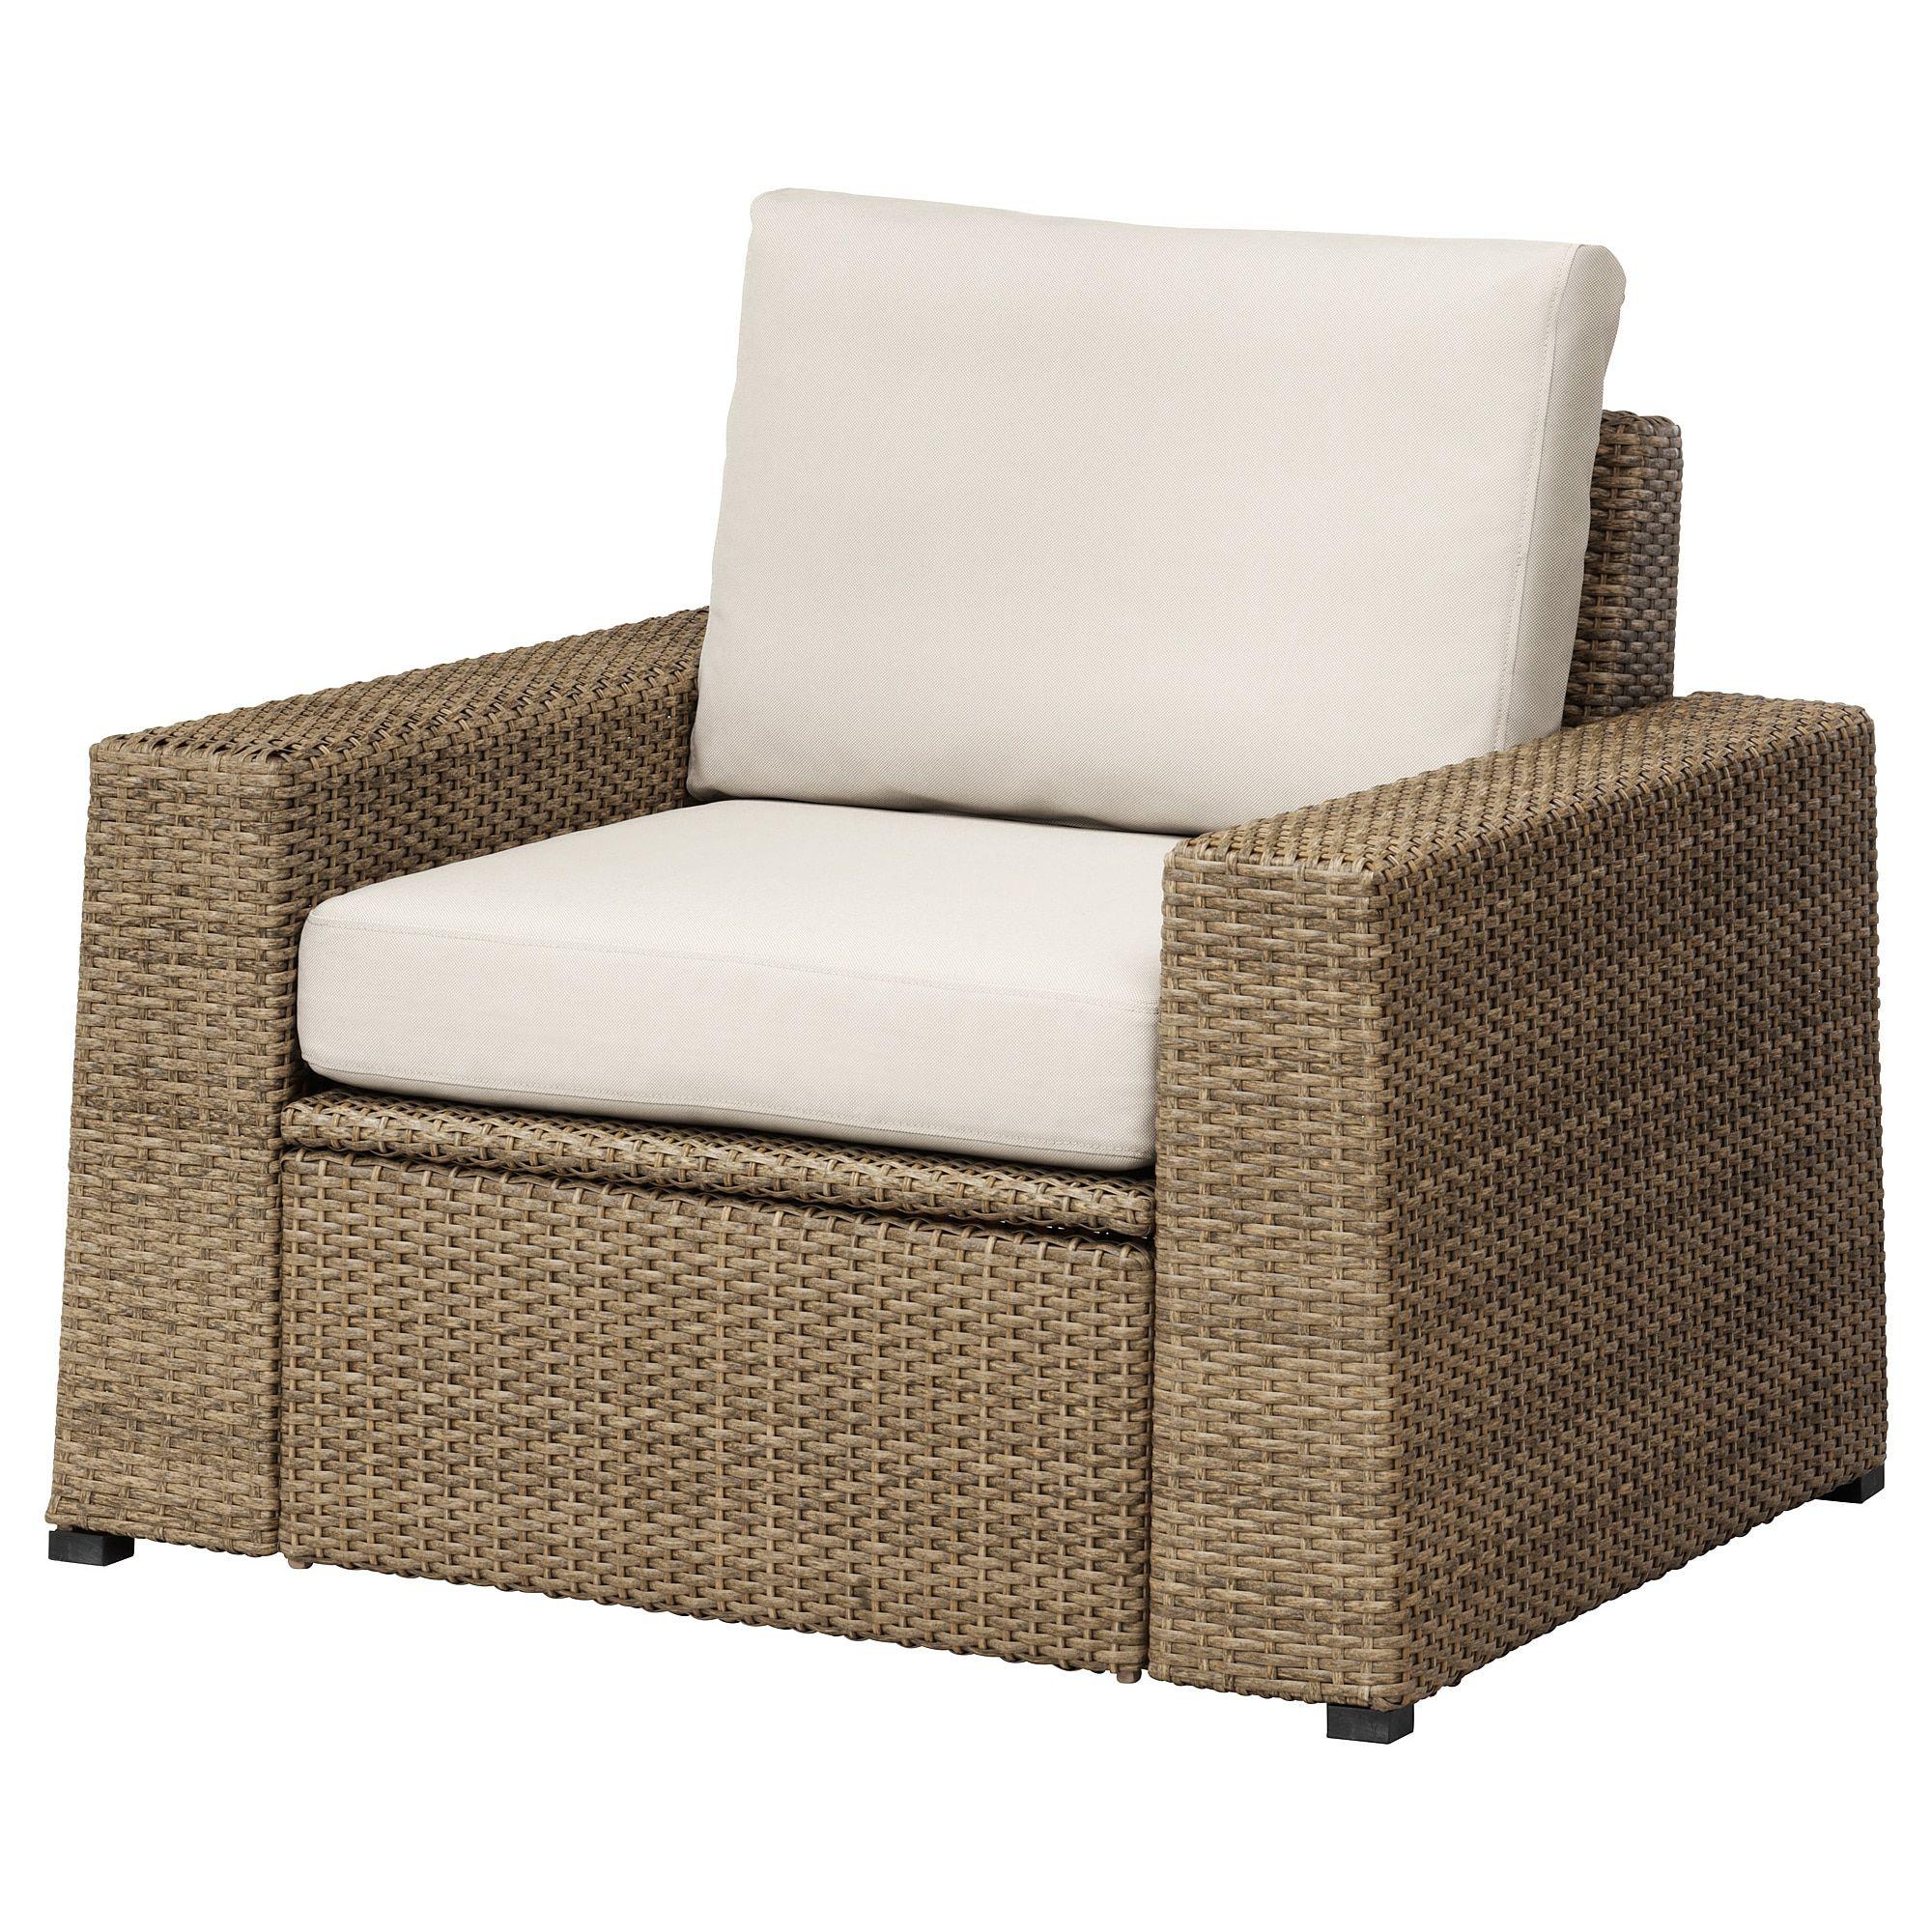 Divano In Rattan Ikea.Ikea Solleron Brown Froson Duvholmen Beige Armchair Outdoor In